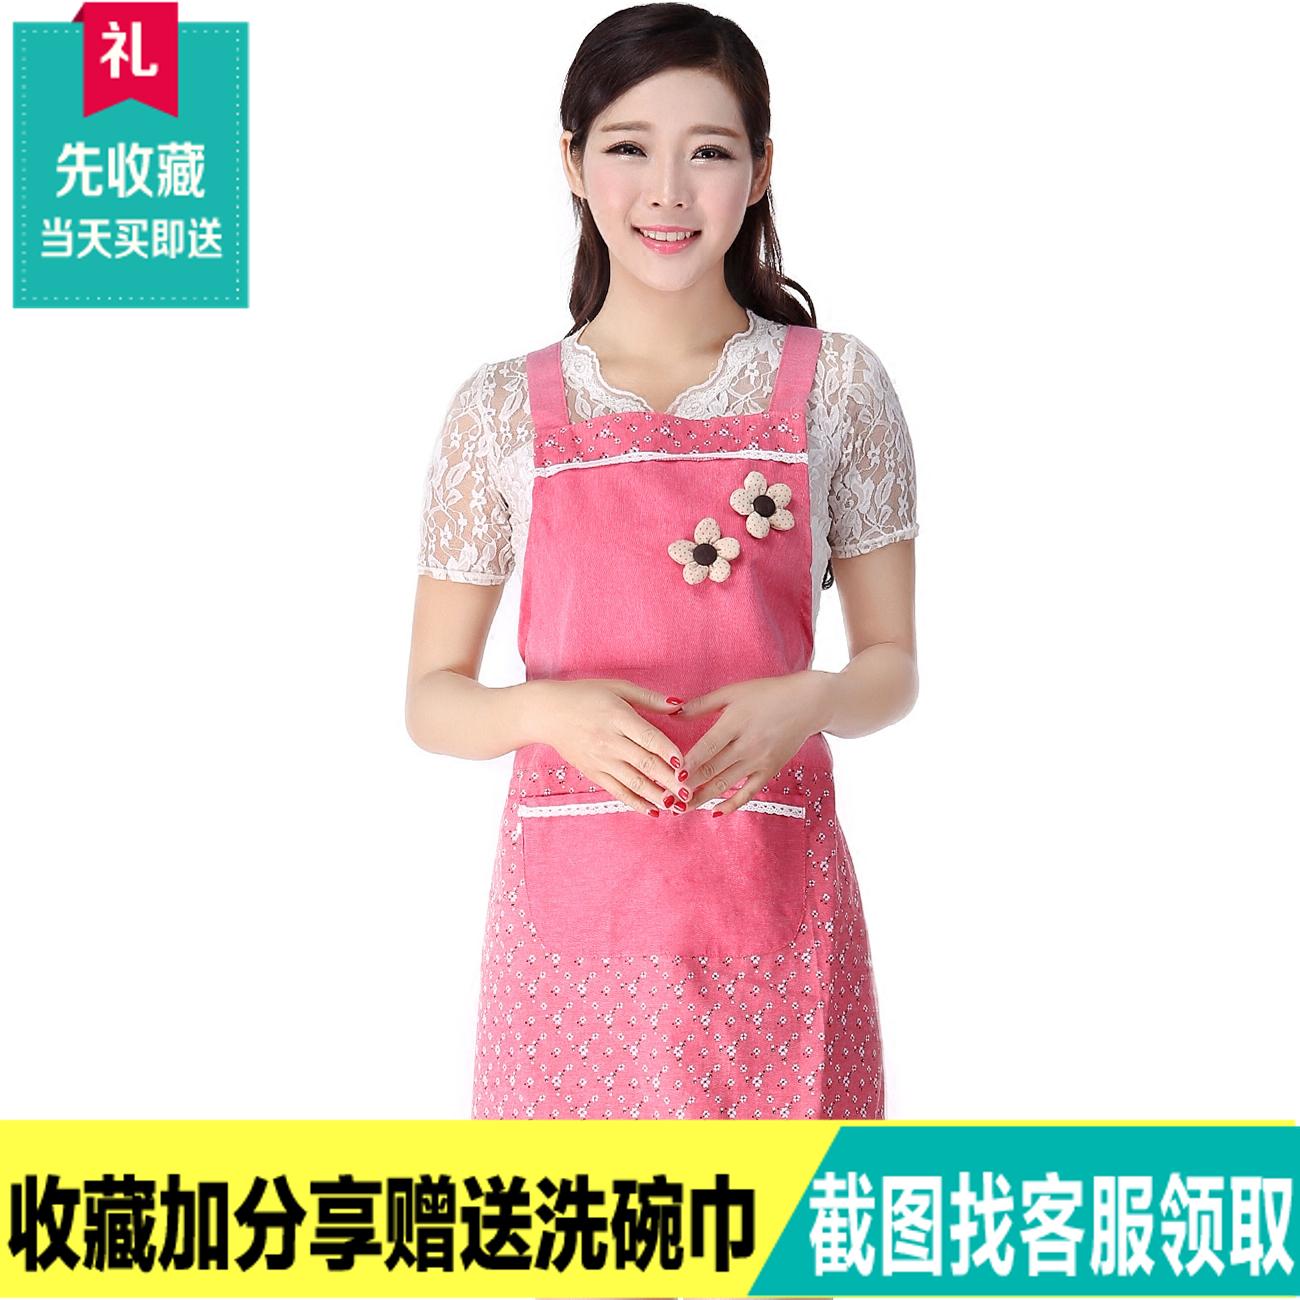 围裙 韩版时尚 女士成人可爱厨房做饭衣服居家纯棉布艺防污工作服